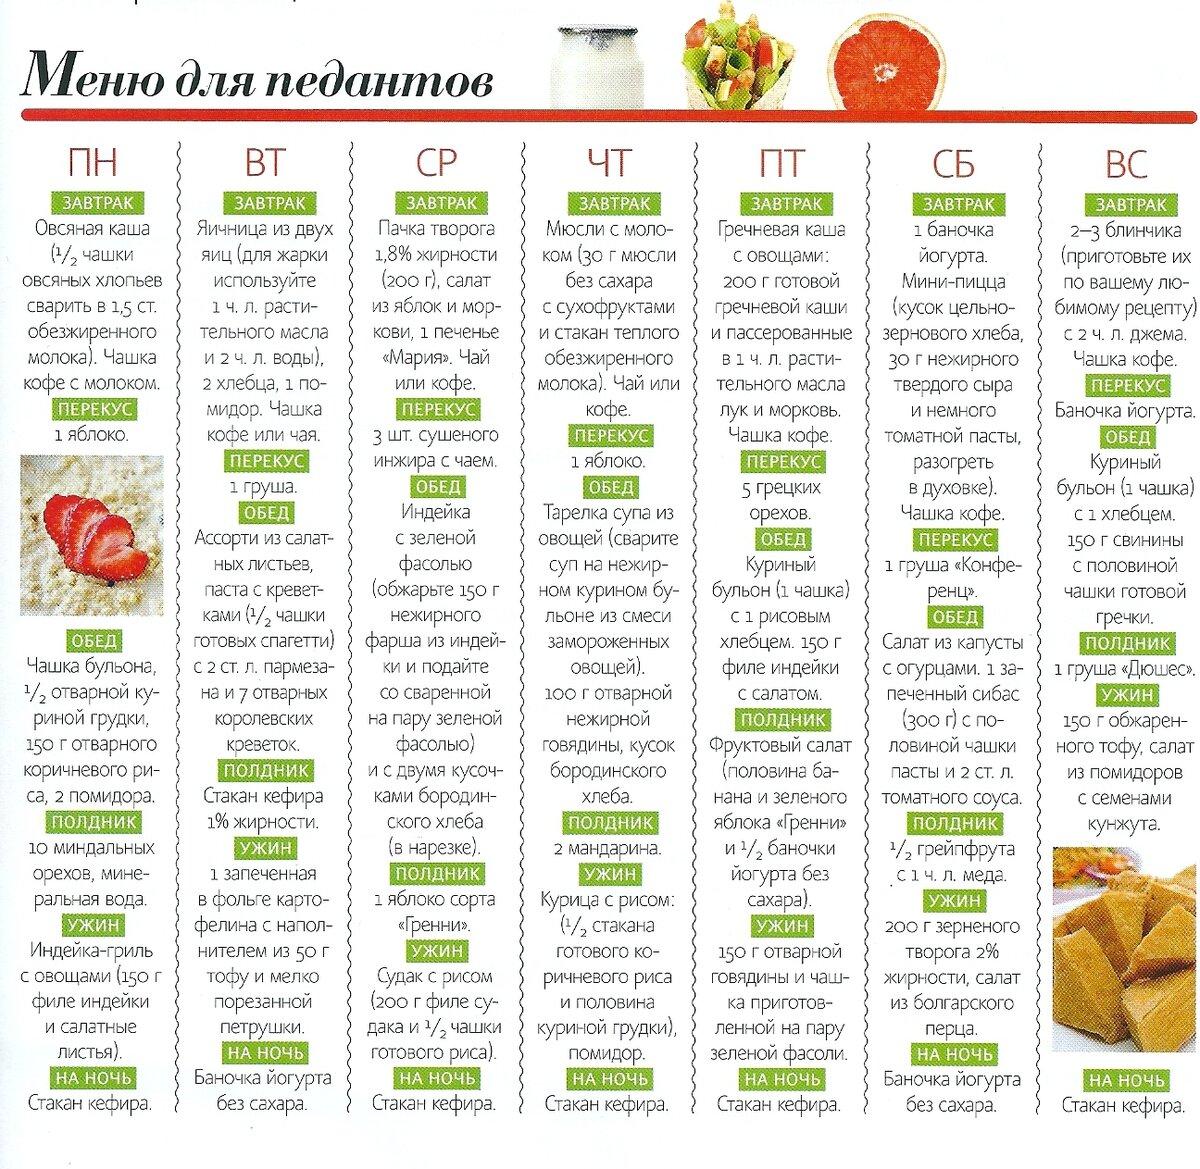 Питание похудеть меню на неделю